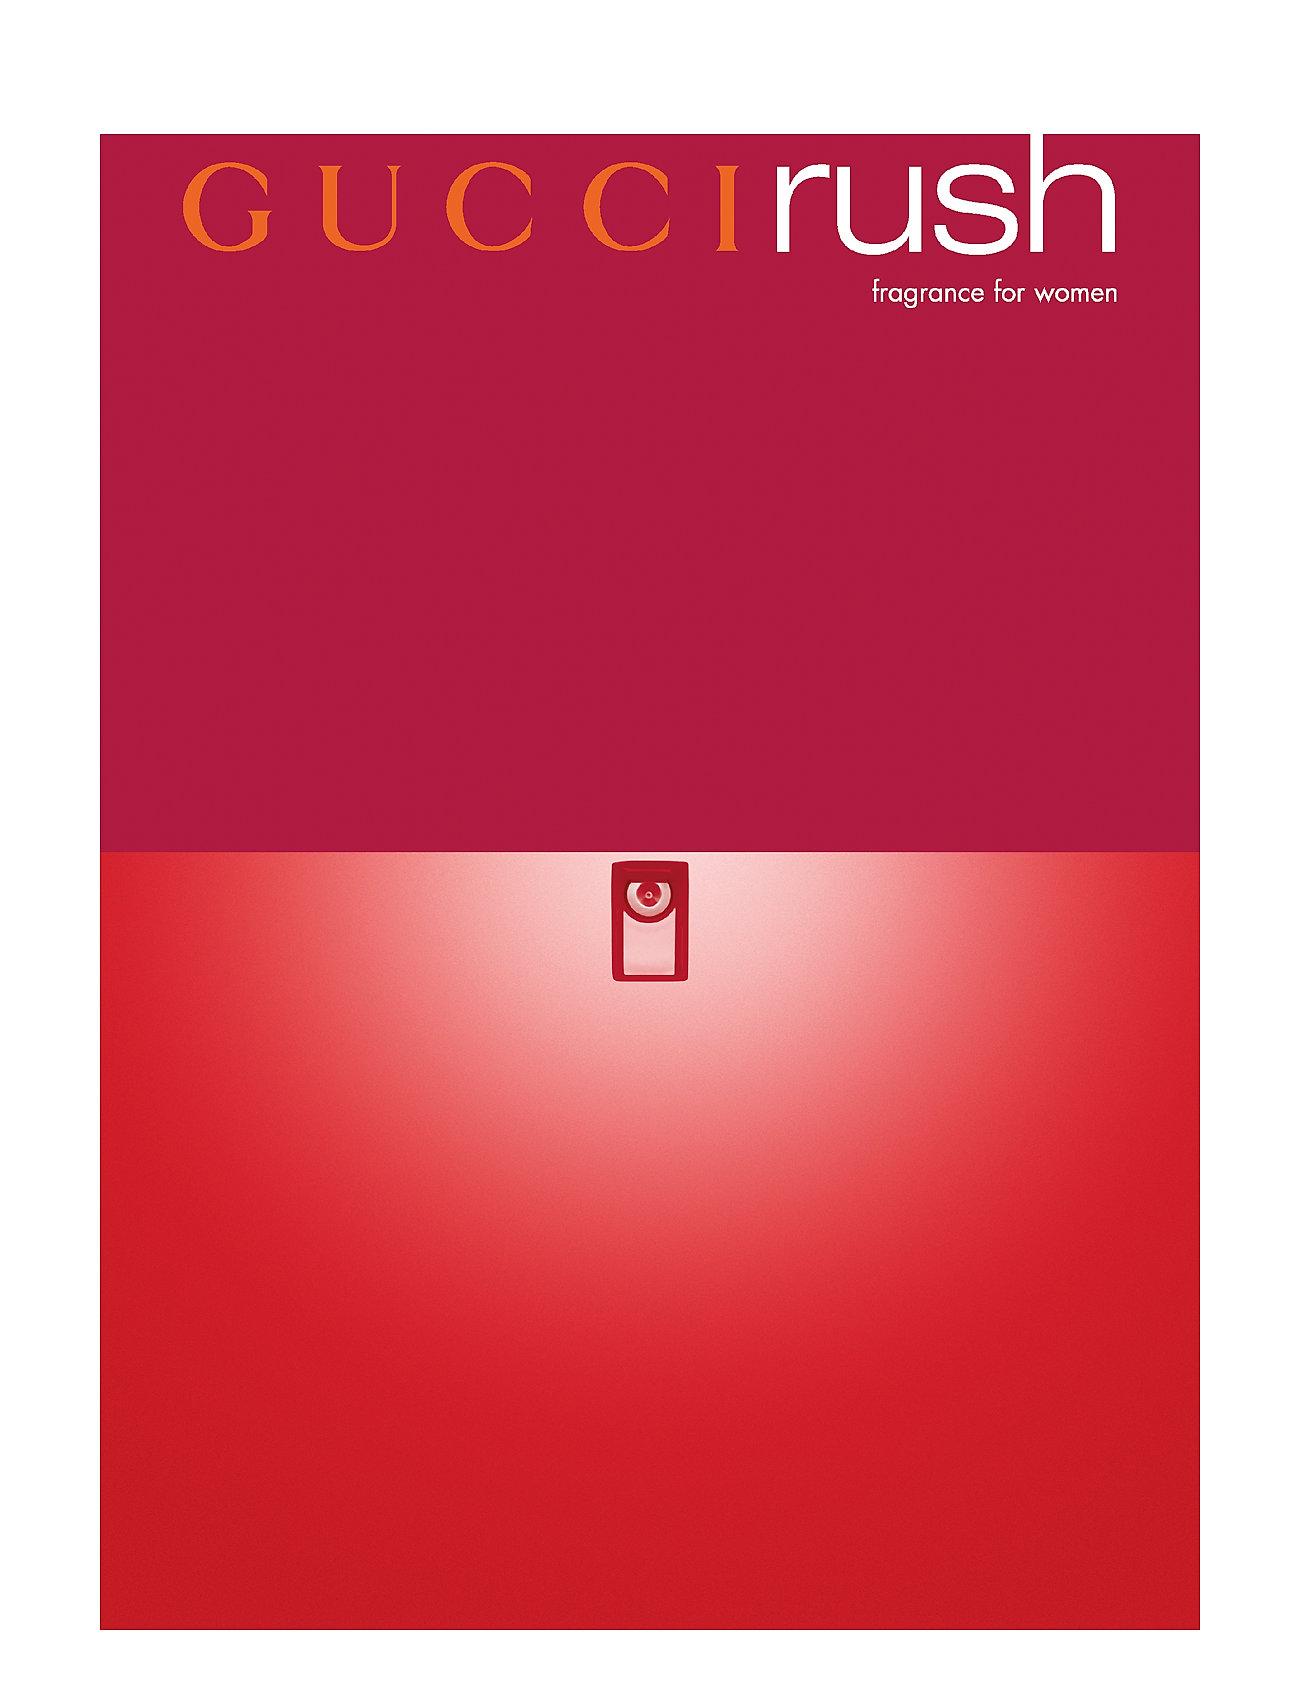 Gucci RUSH EAU DE TOILETTE - NO COLOR